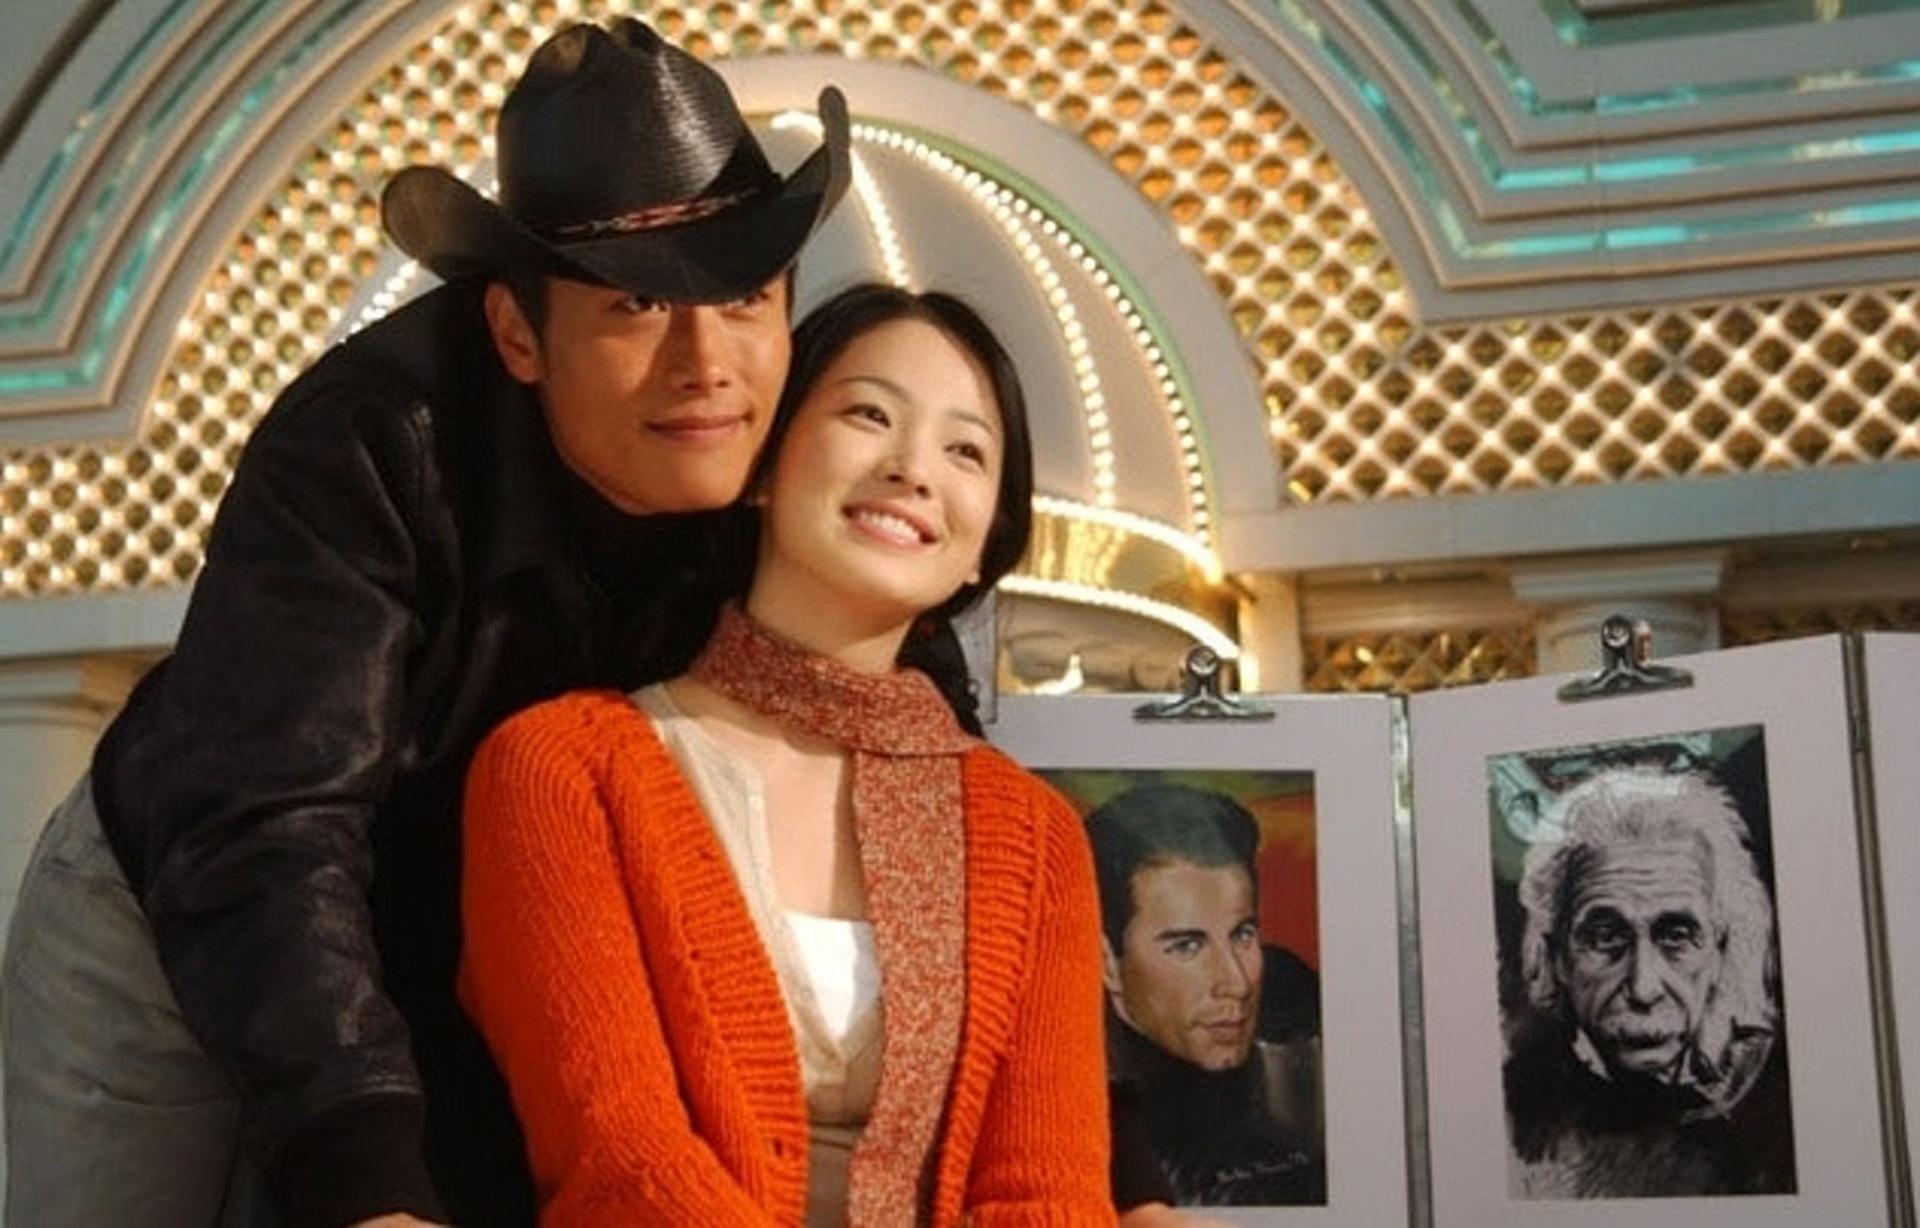 李秉憲是宋慧喬第一次公開認愛的男友。(電視劇「All In」劇照)